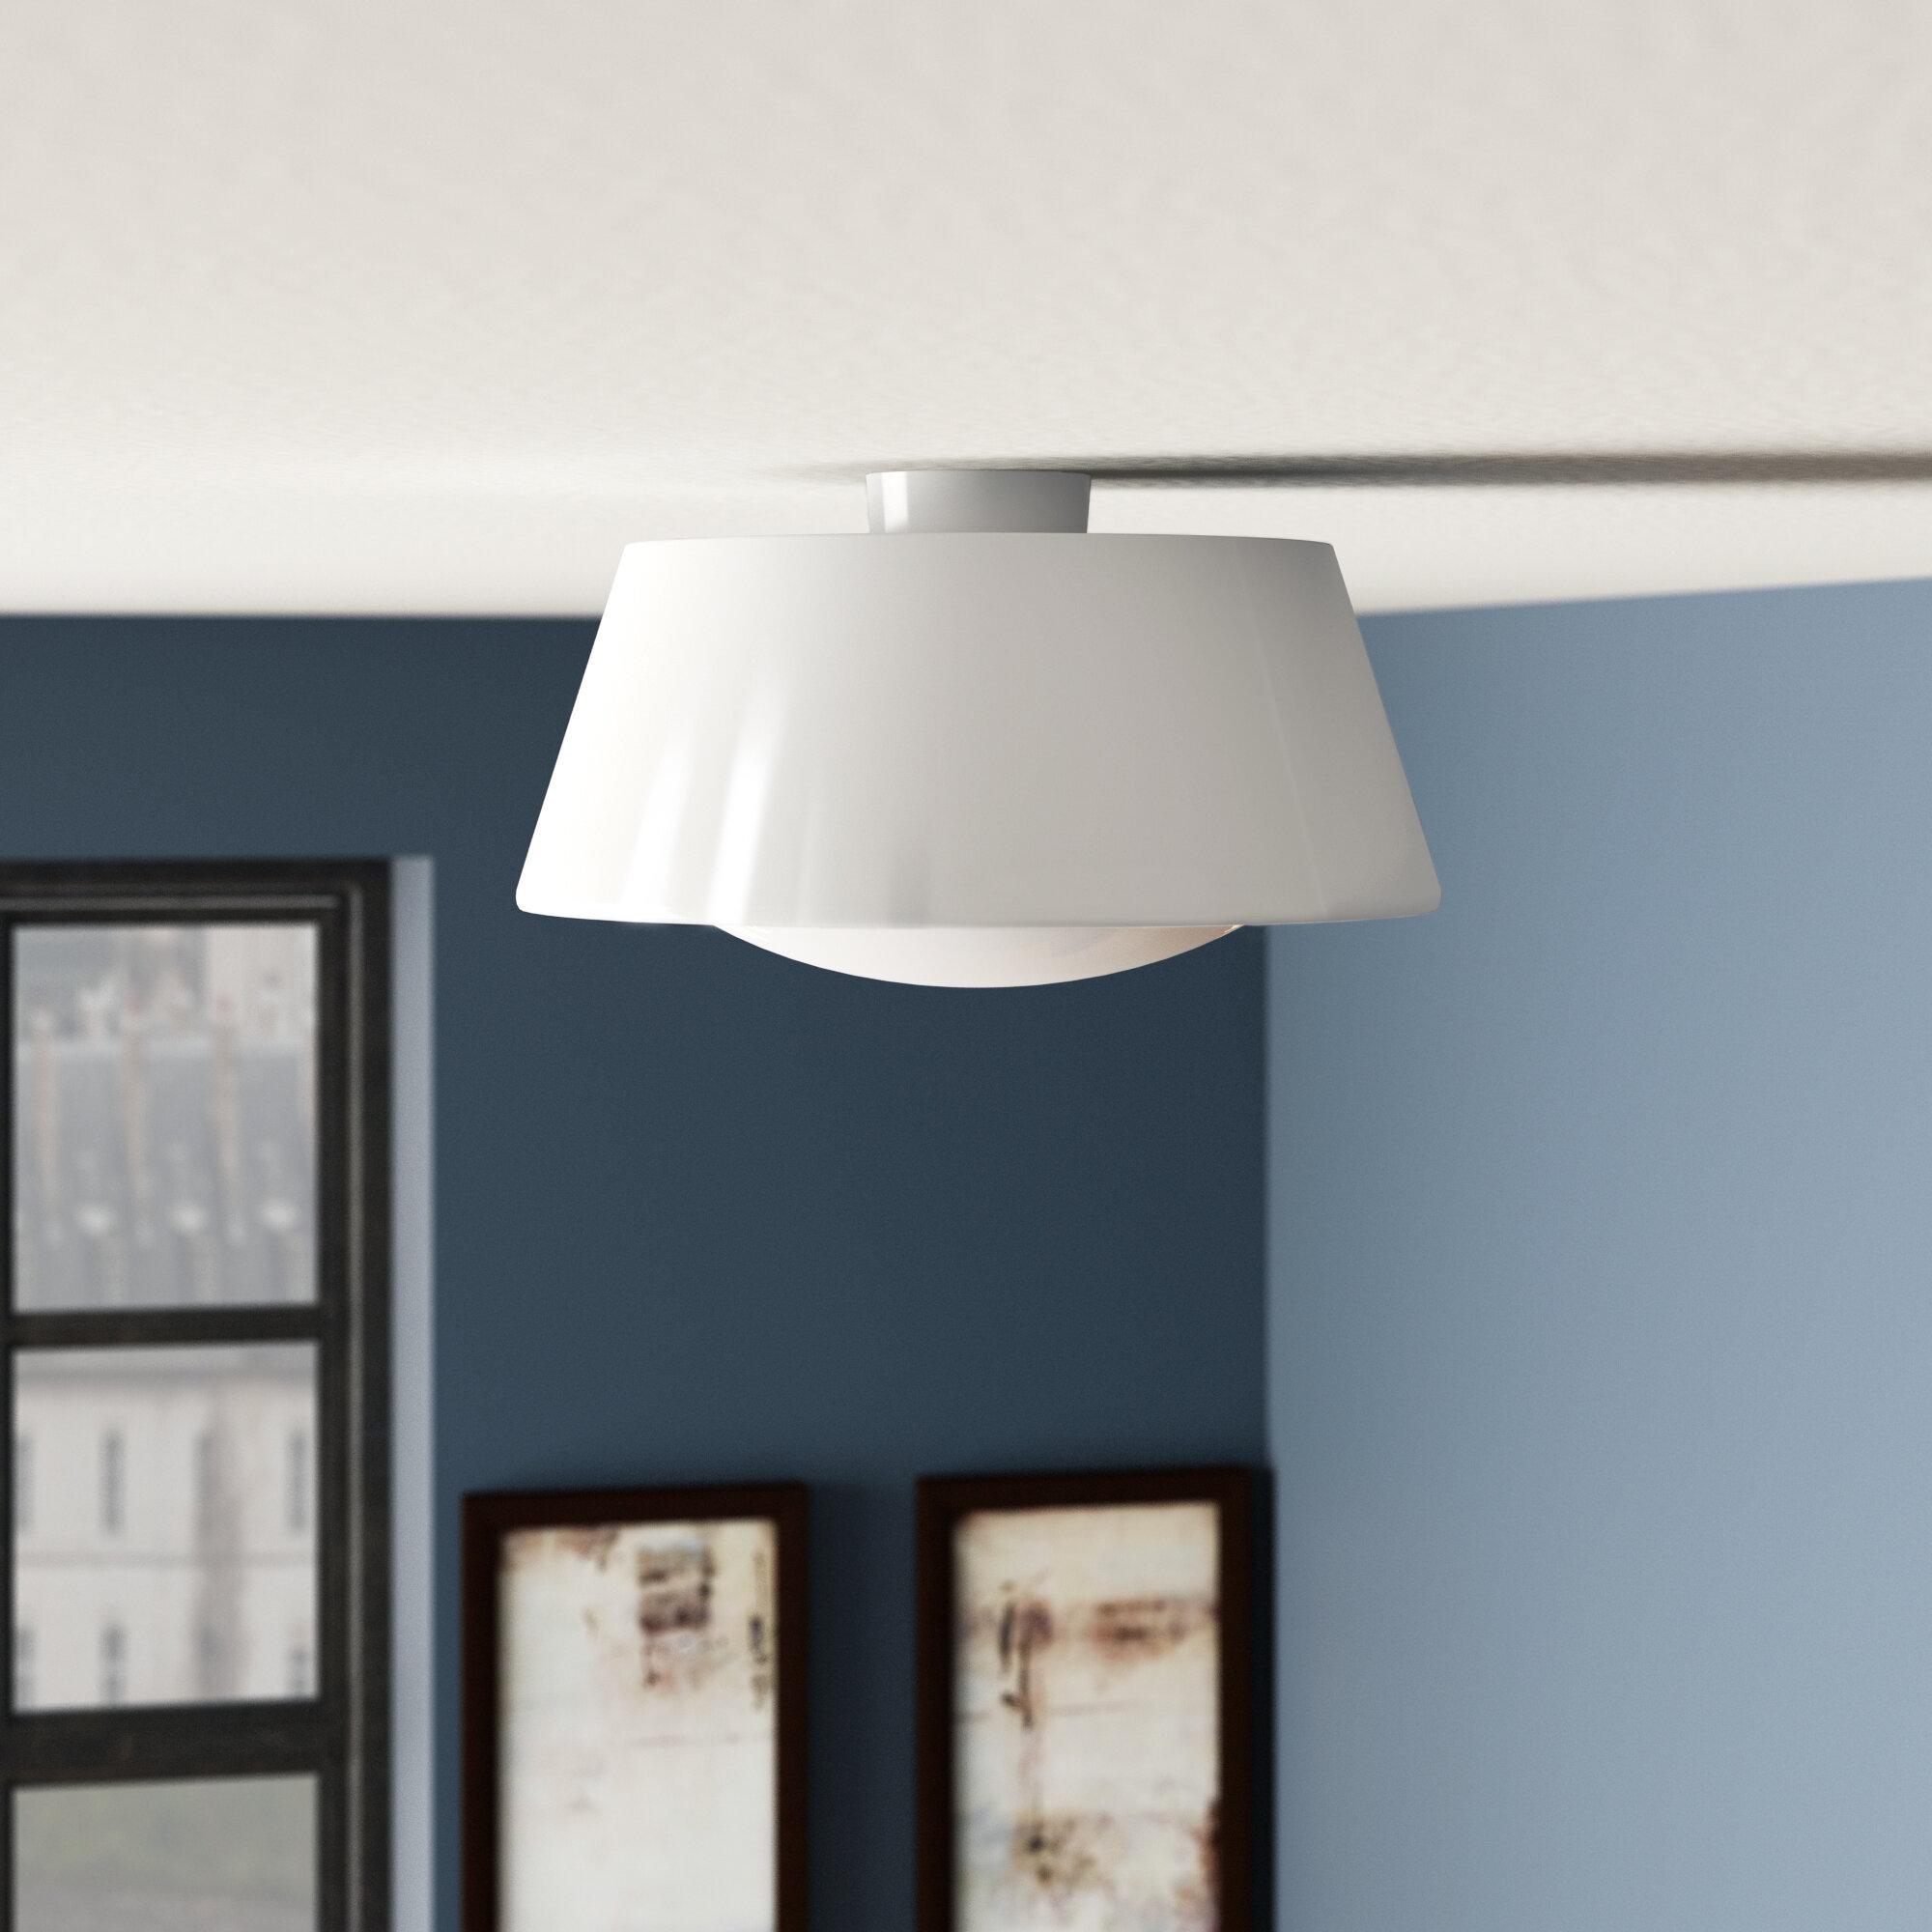 Modern Latitude Run Flush Mount Lighting   Allmodern intended for Whitten 4-Light Crystal Chandeliers (Image 21 of 30)